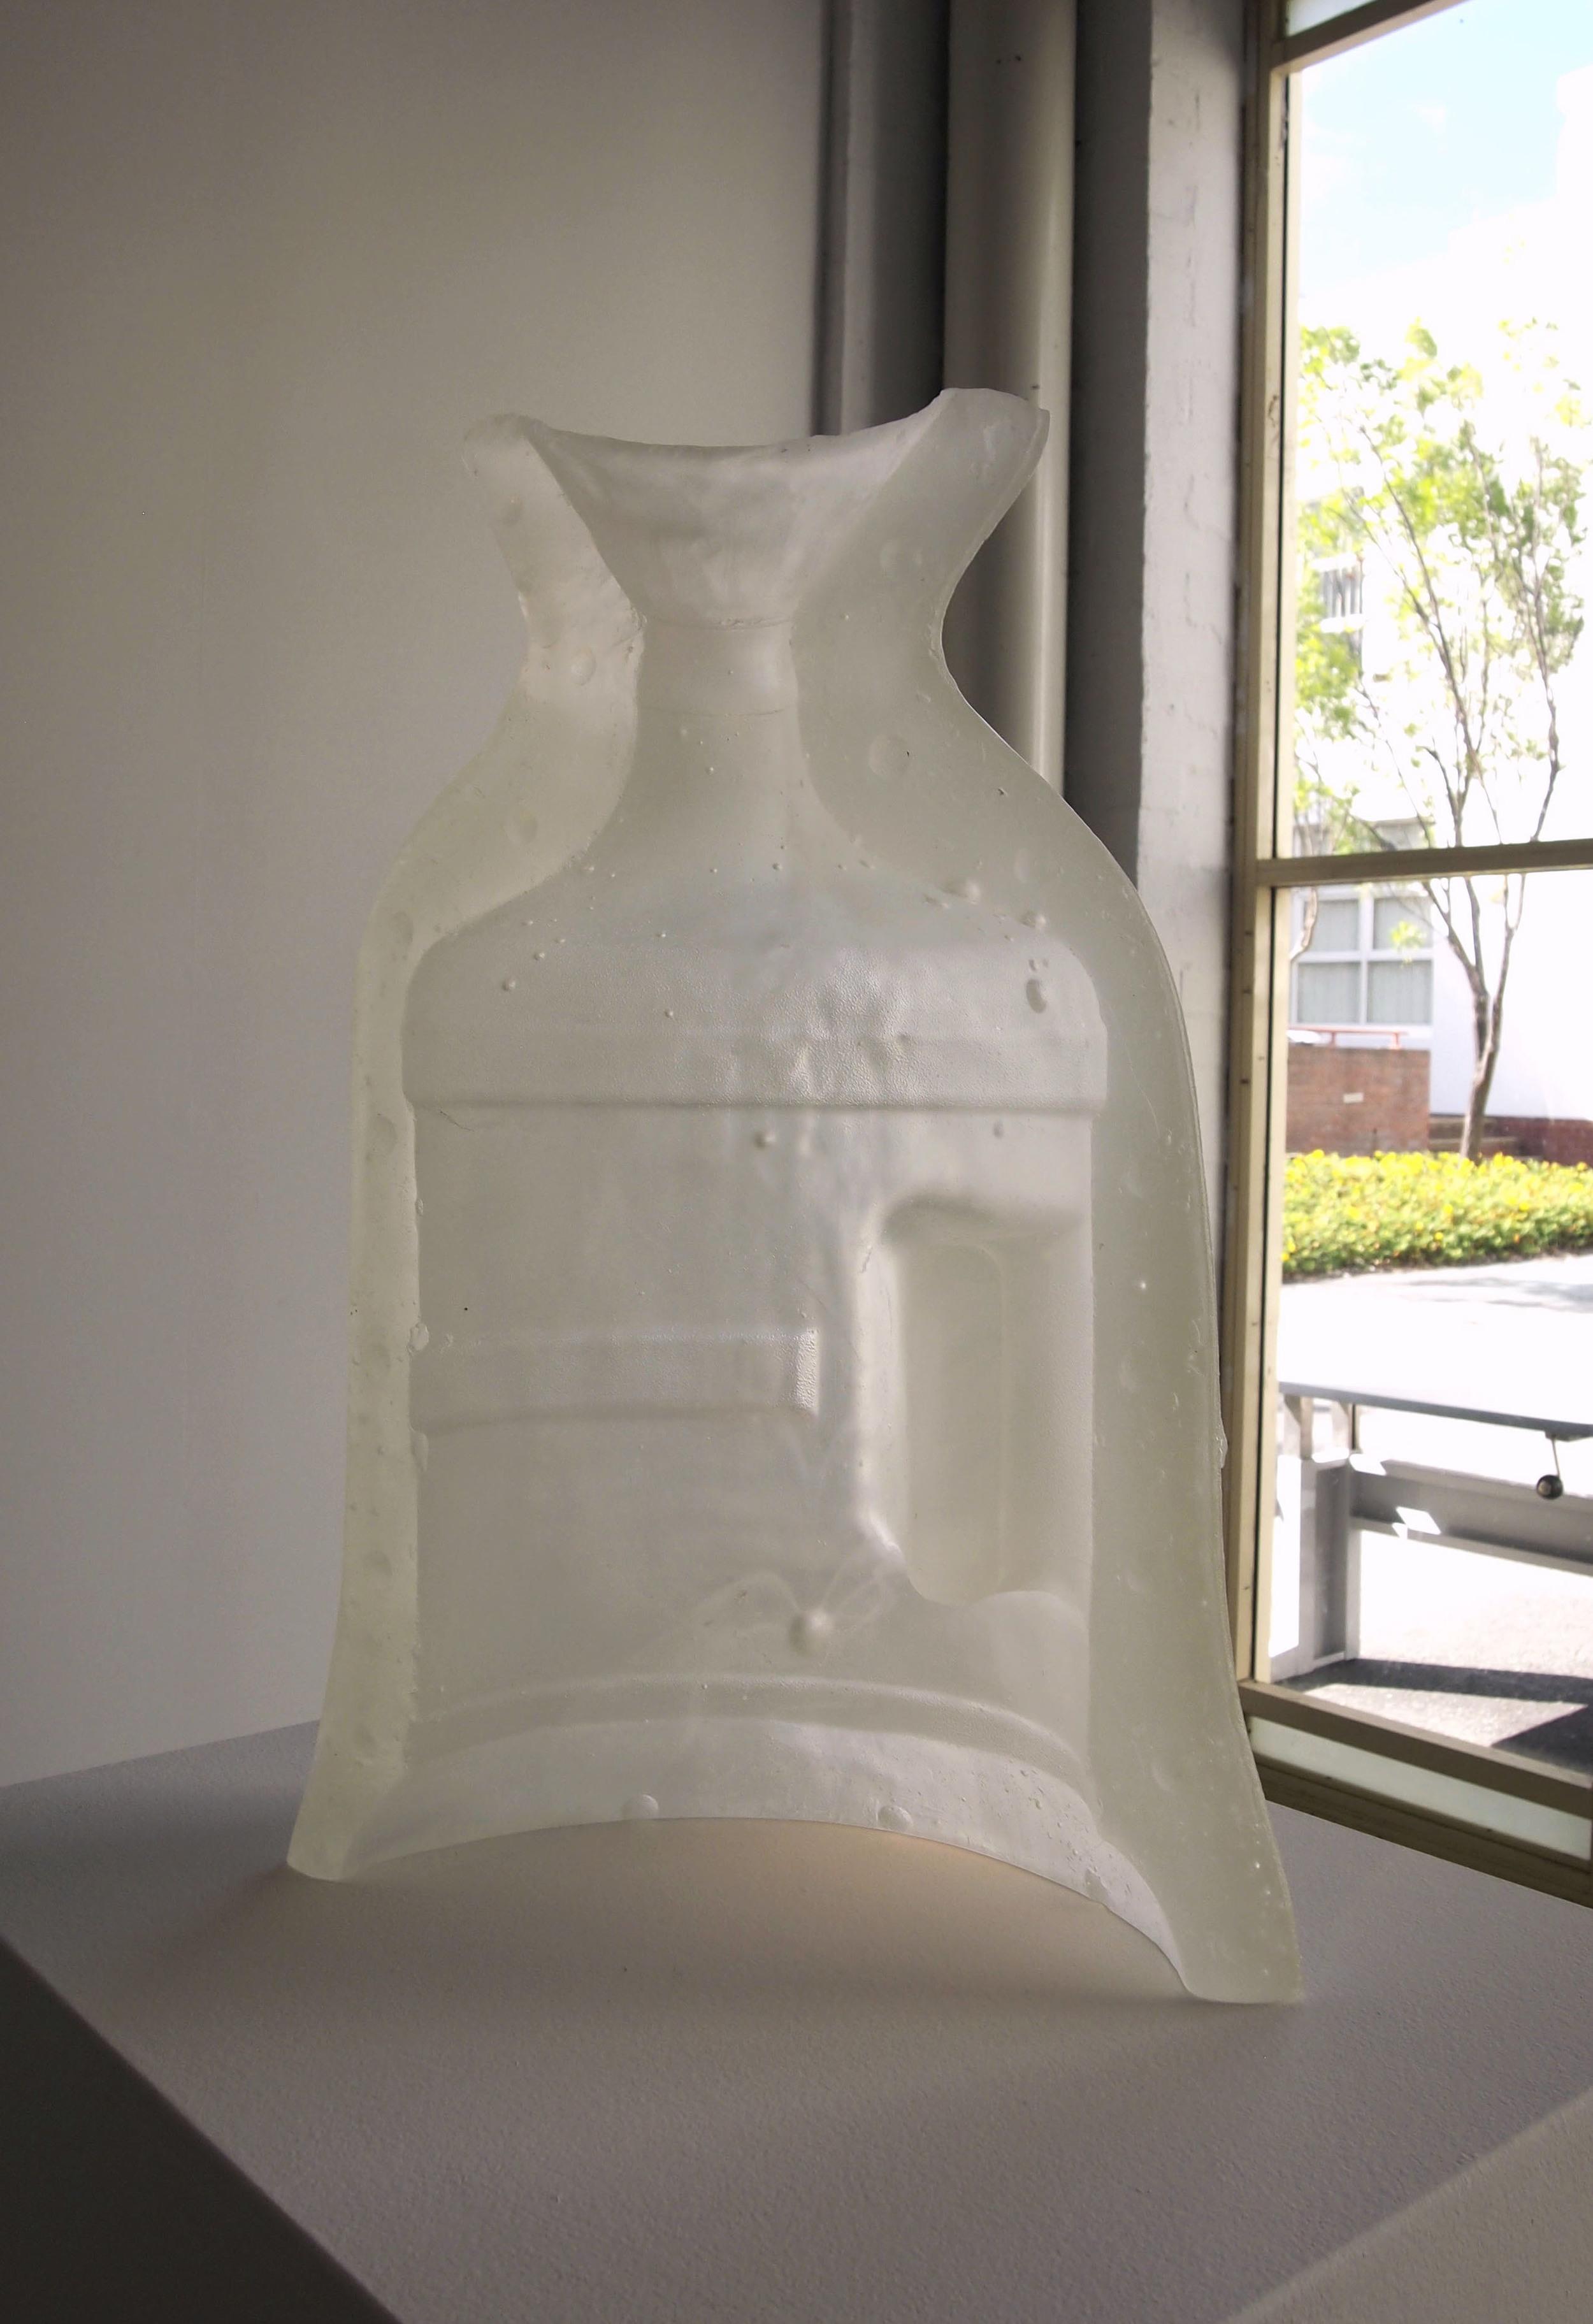 Water Bottle - 2011